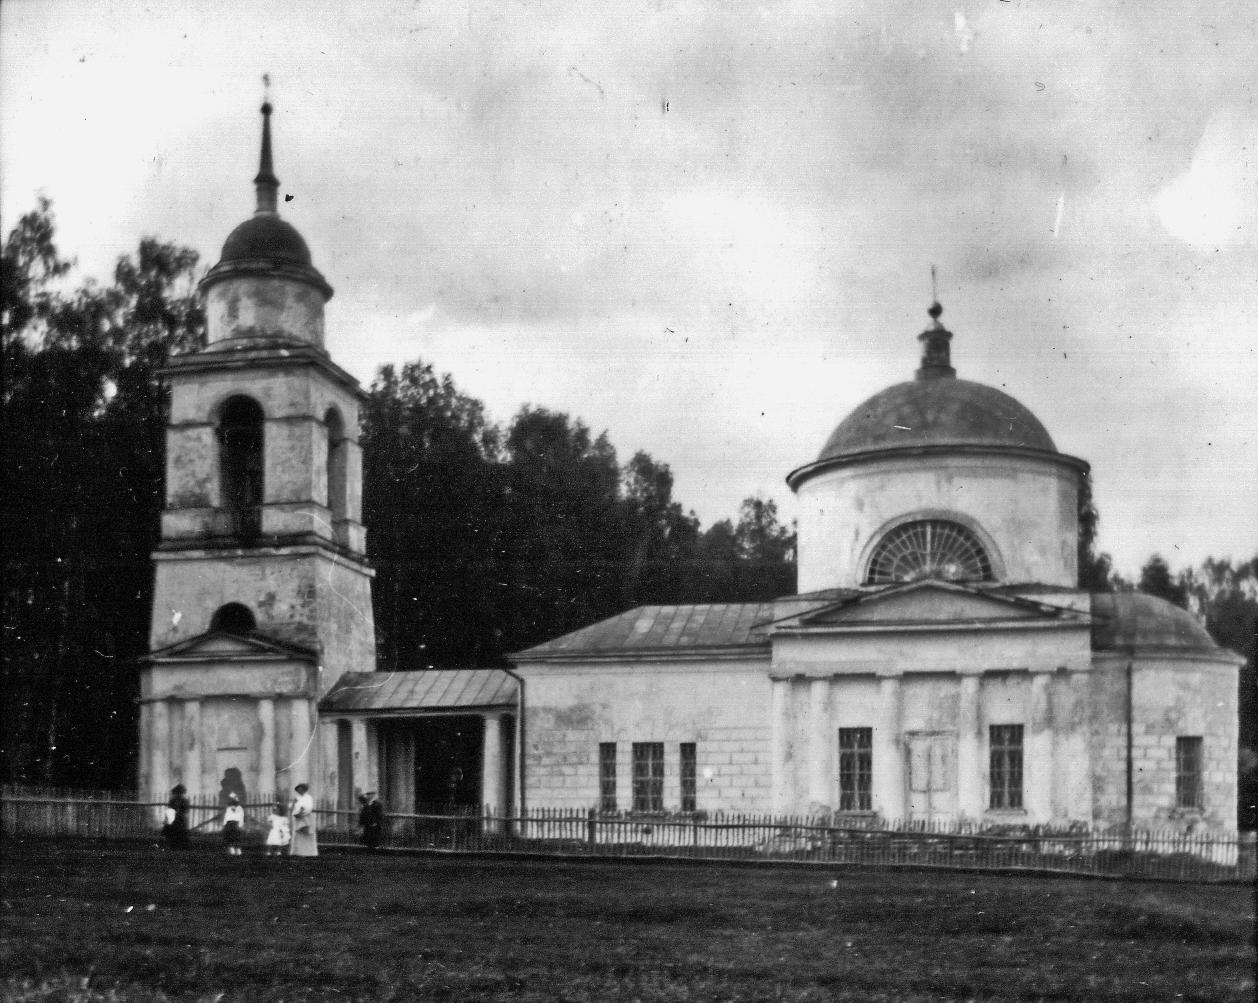 Церковь Покрова Пресвятой Богородицы в Ивакино. 1915 год. Фото из книги Е.М.Юхименко.